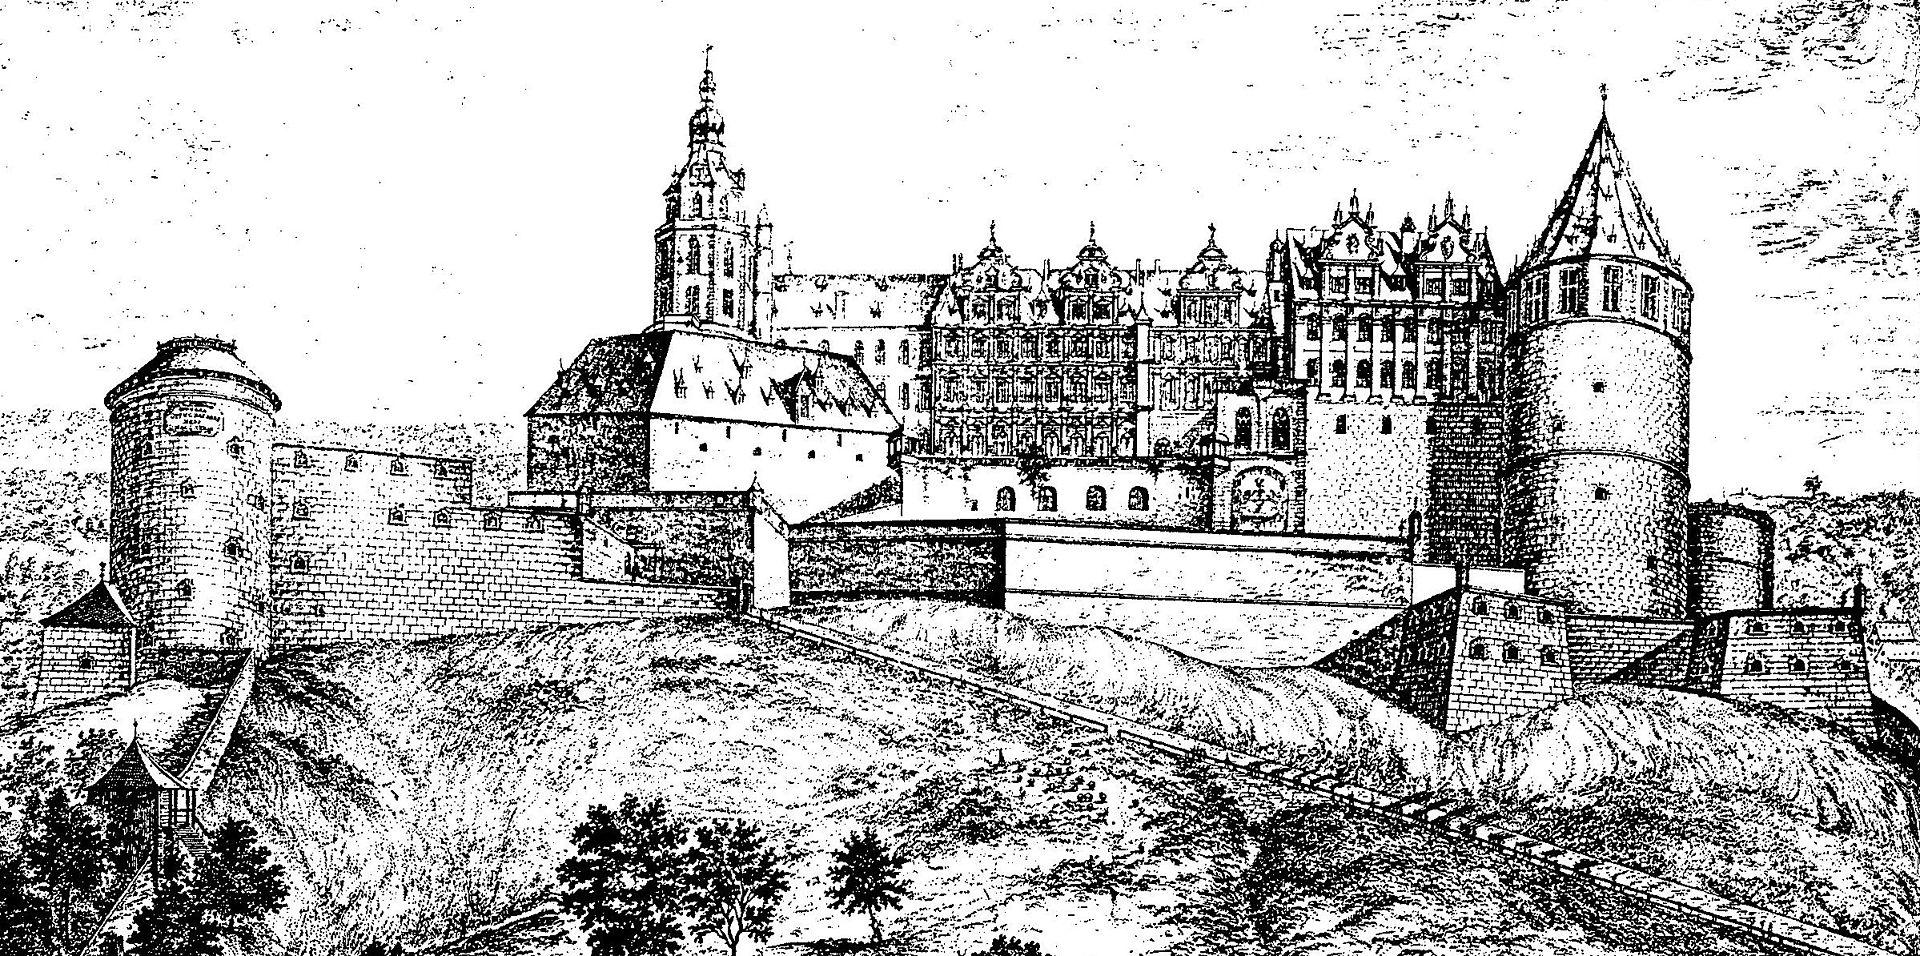 Heidelberger_Schloss_von_Johann_Ulrich_Kraus_1684_(Ausschnitt).jpg